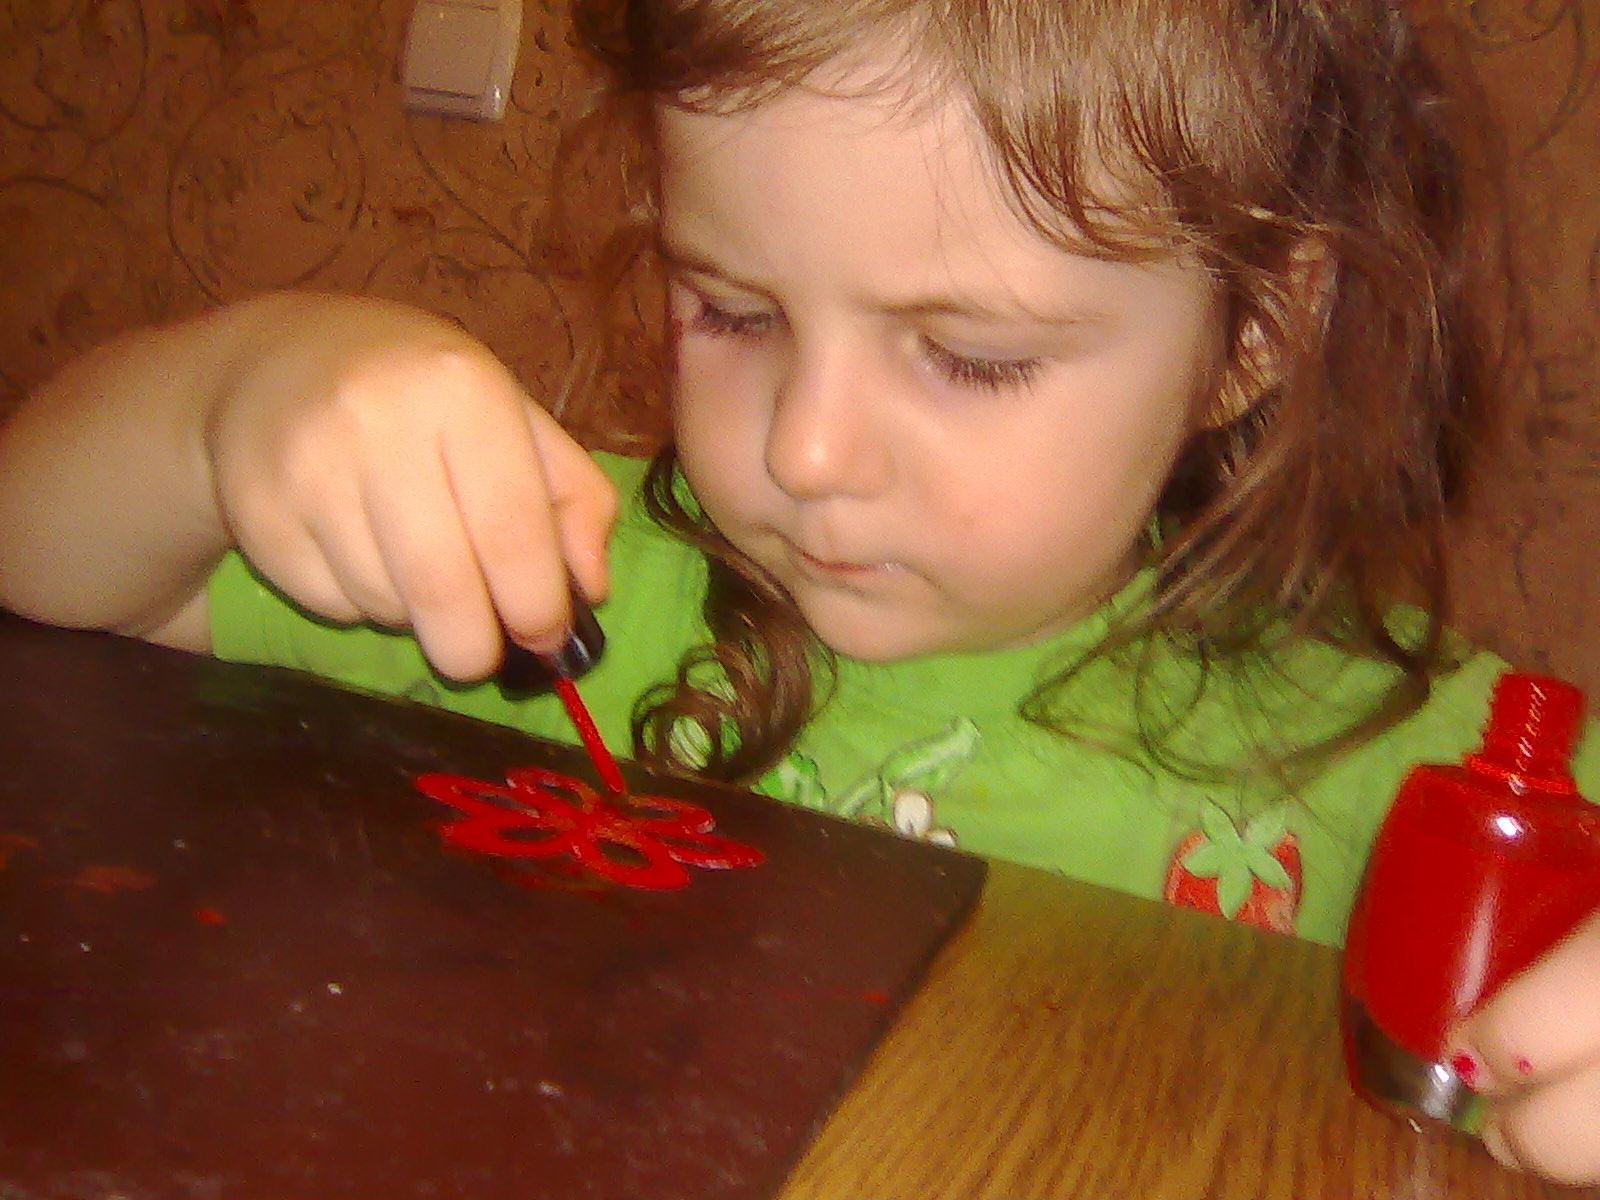 лаком для ногтей тоже можно рисовать!. Закрытое голосование фотоконкурса 'Я рисую'